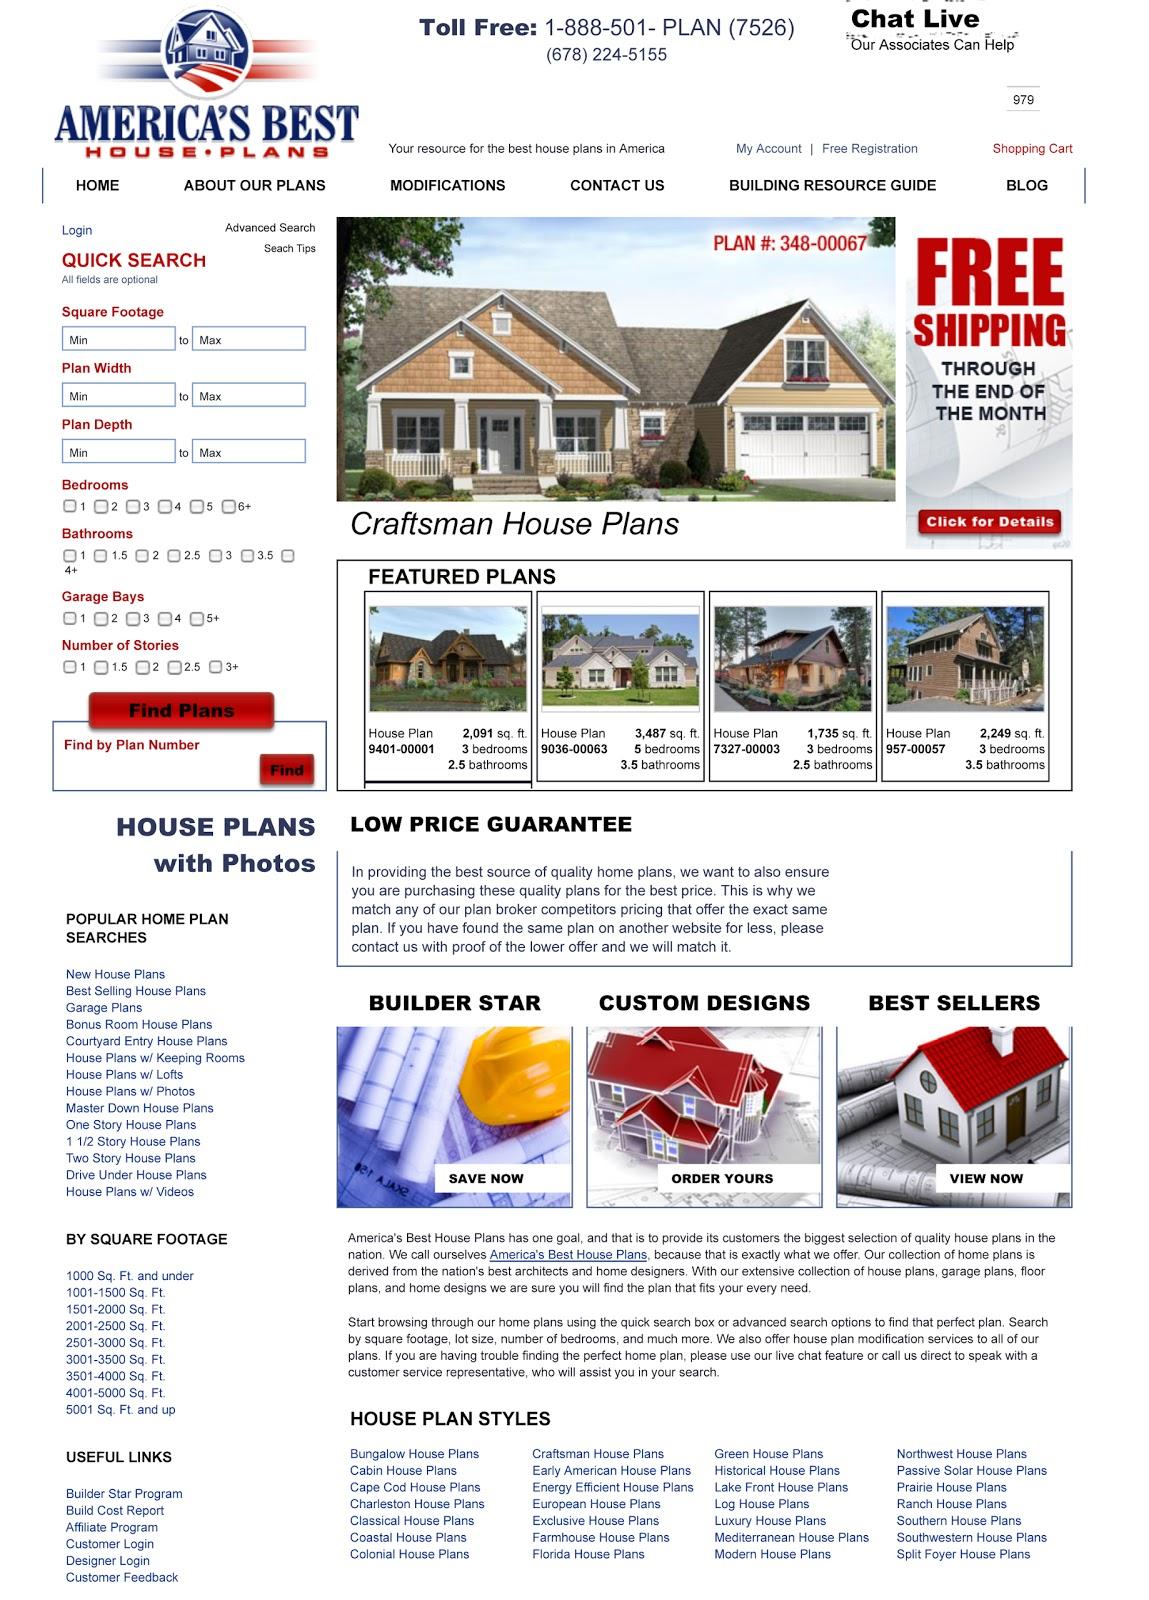 Carpenter house carpenter house for Houseplans net